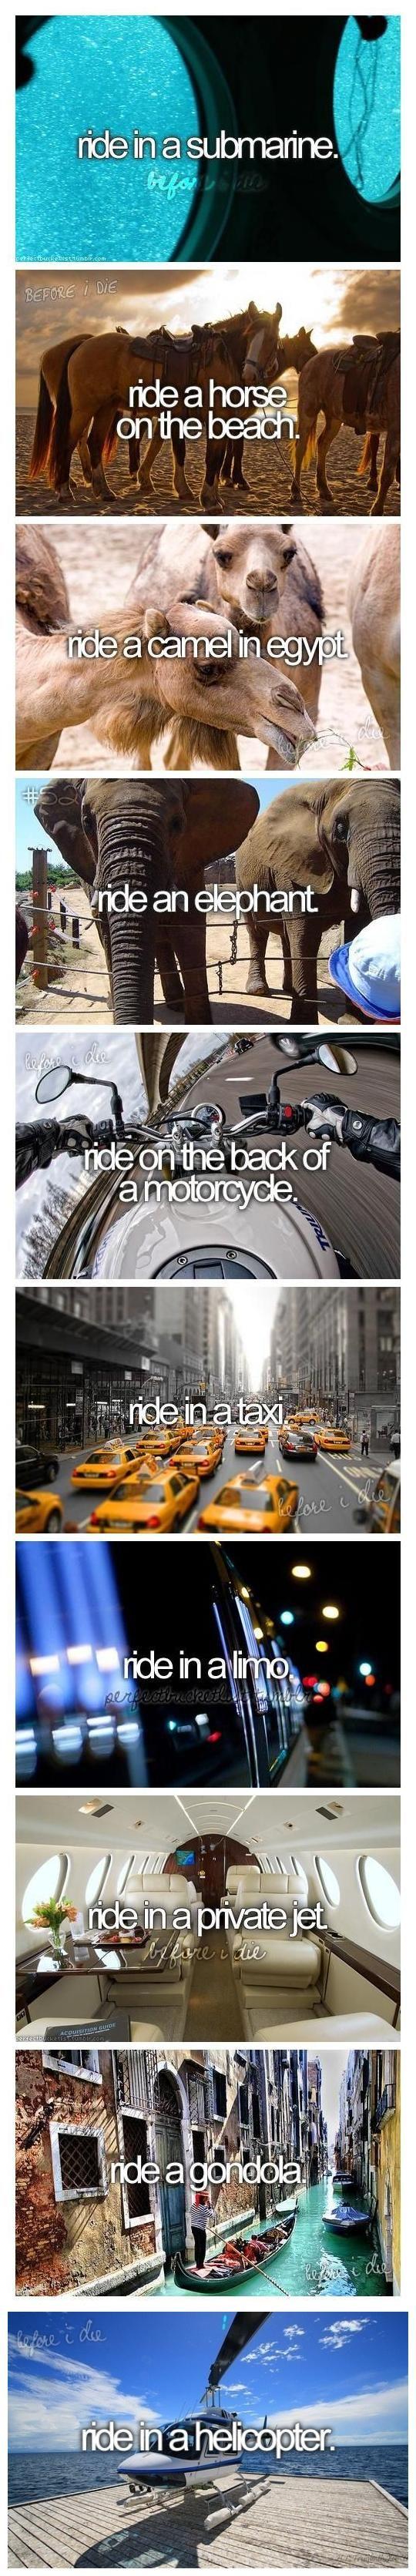 Before I die... #bucketlist